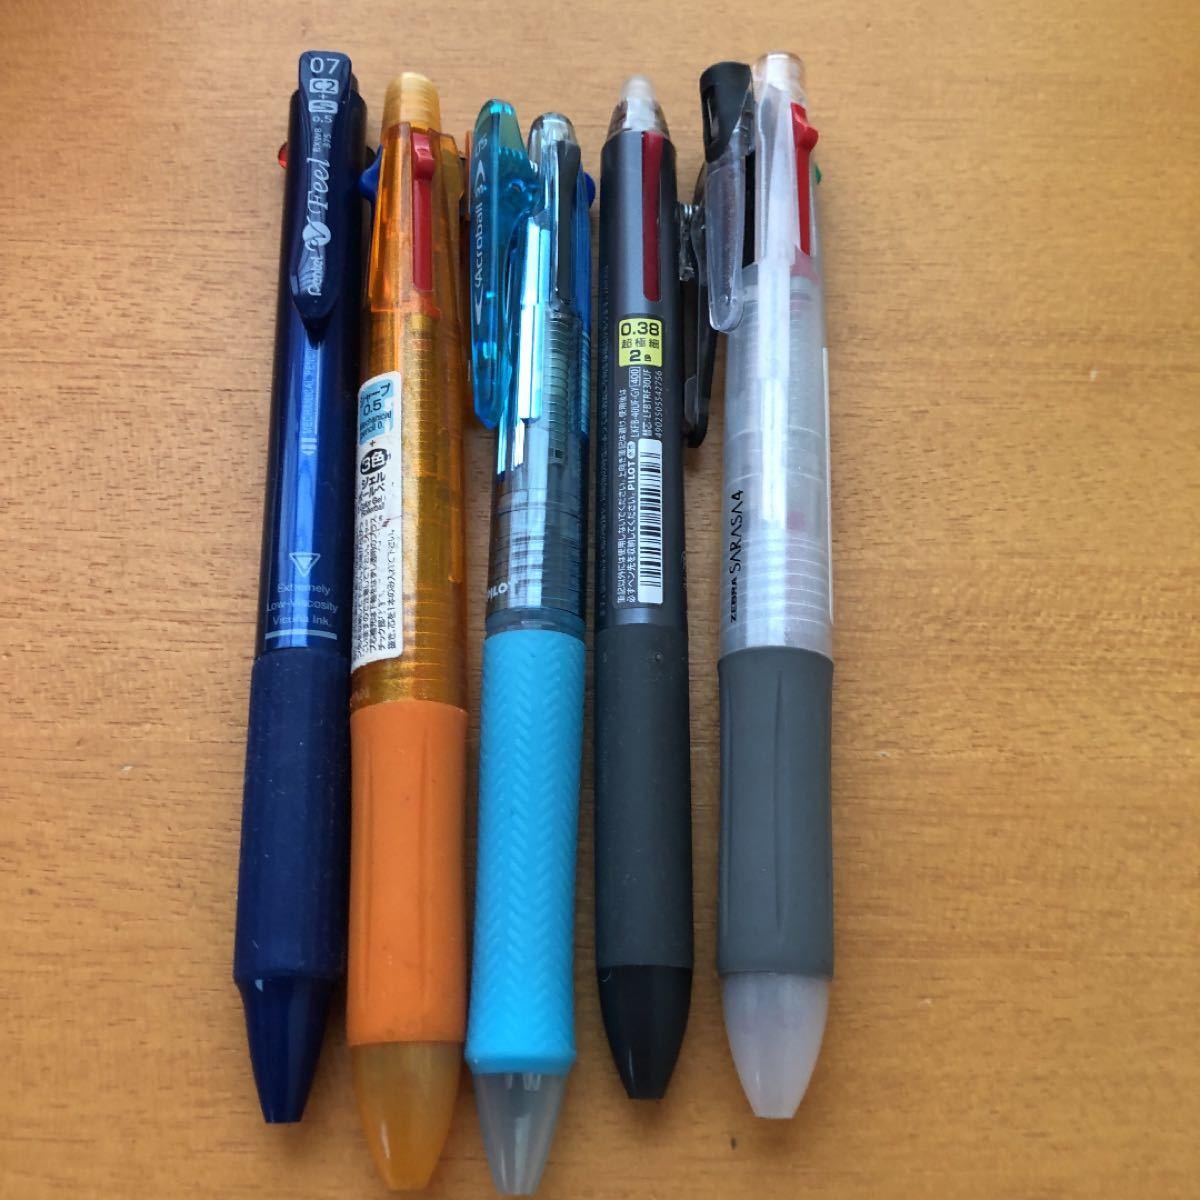 ☆☆お値下げ☆☆ボールペン シャープペン セット  3色ボールペンなど